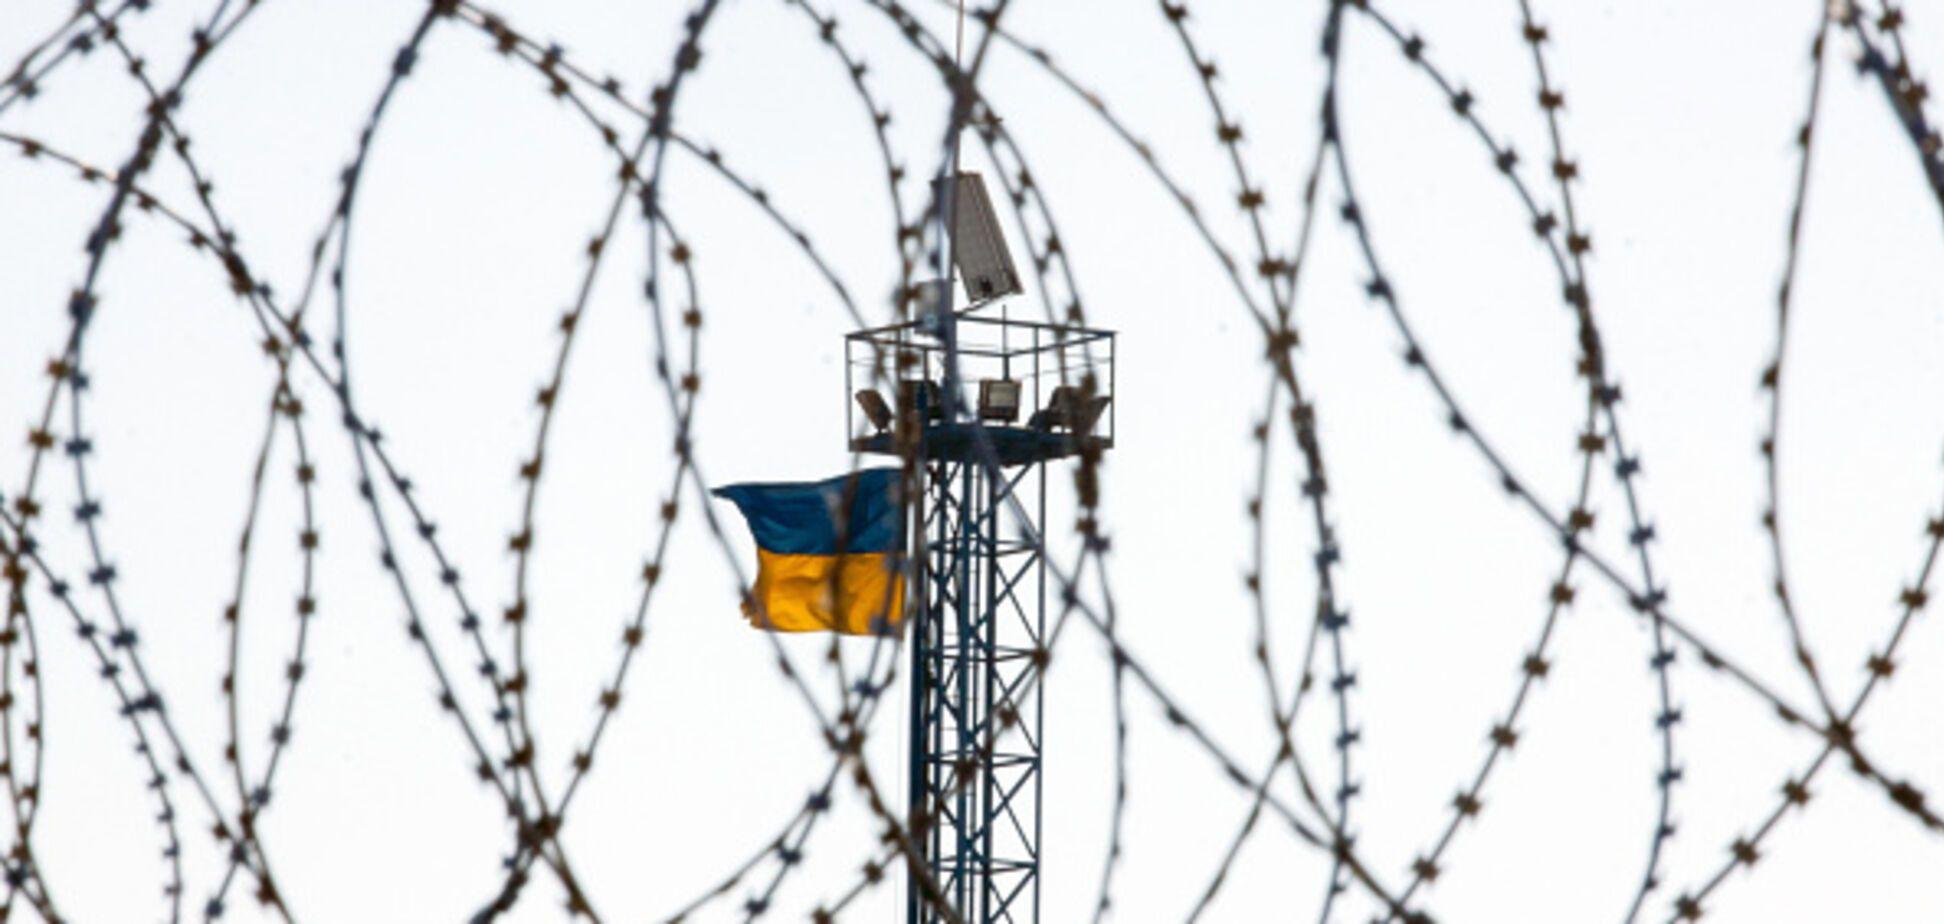 Украинцы в оккупации сорвали флаг 'ЛНР': появилось видео